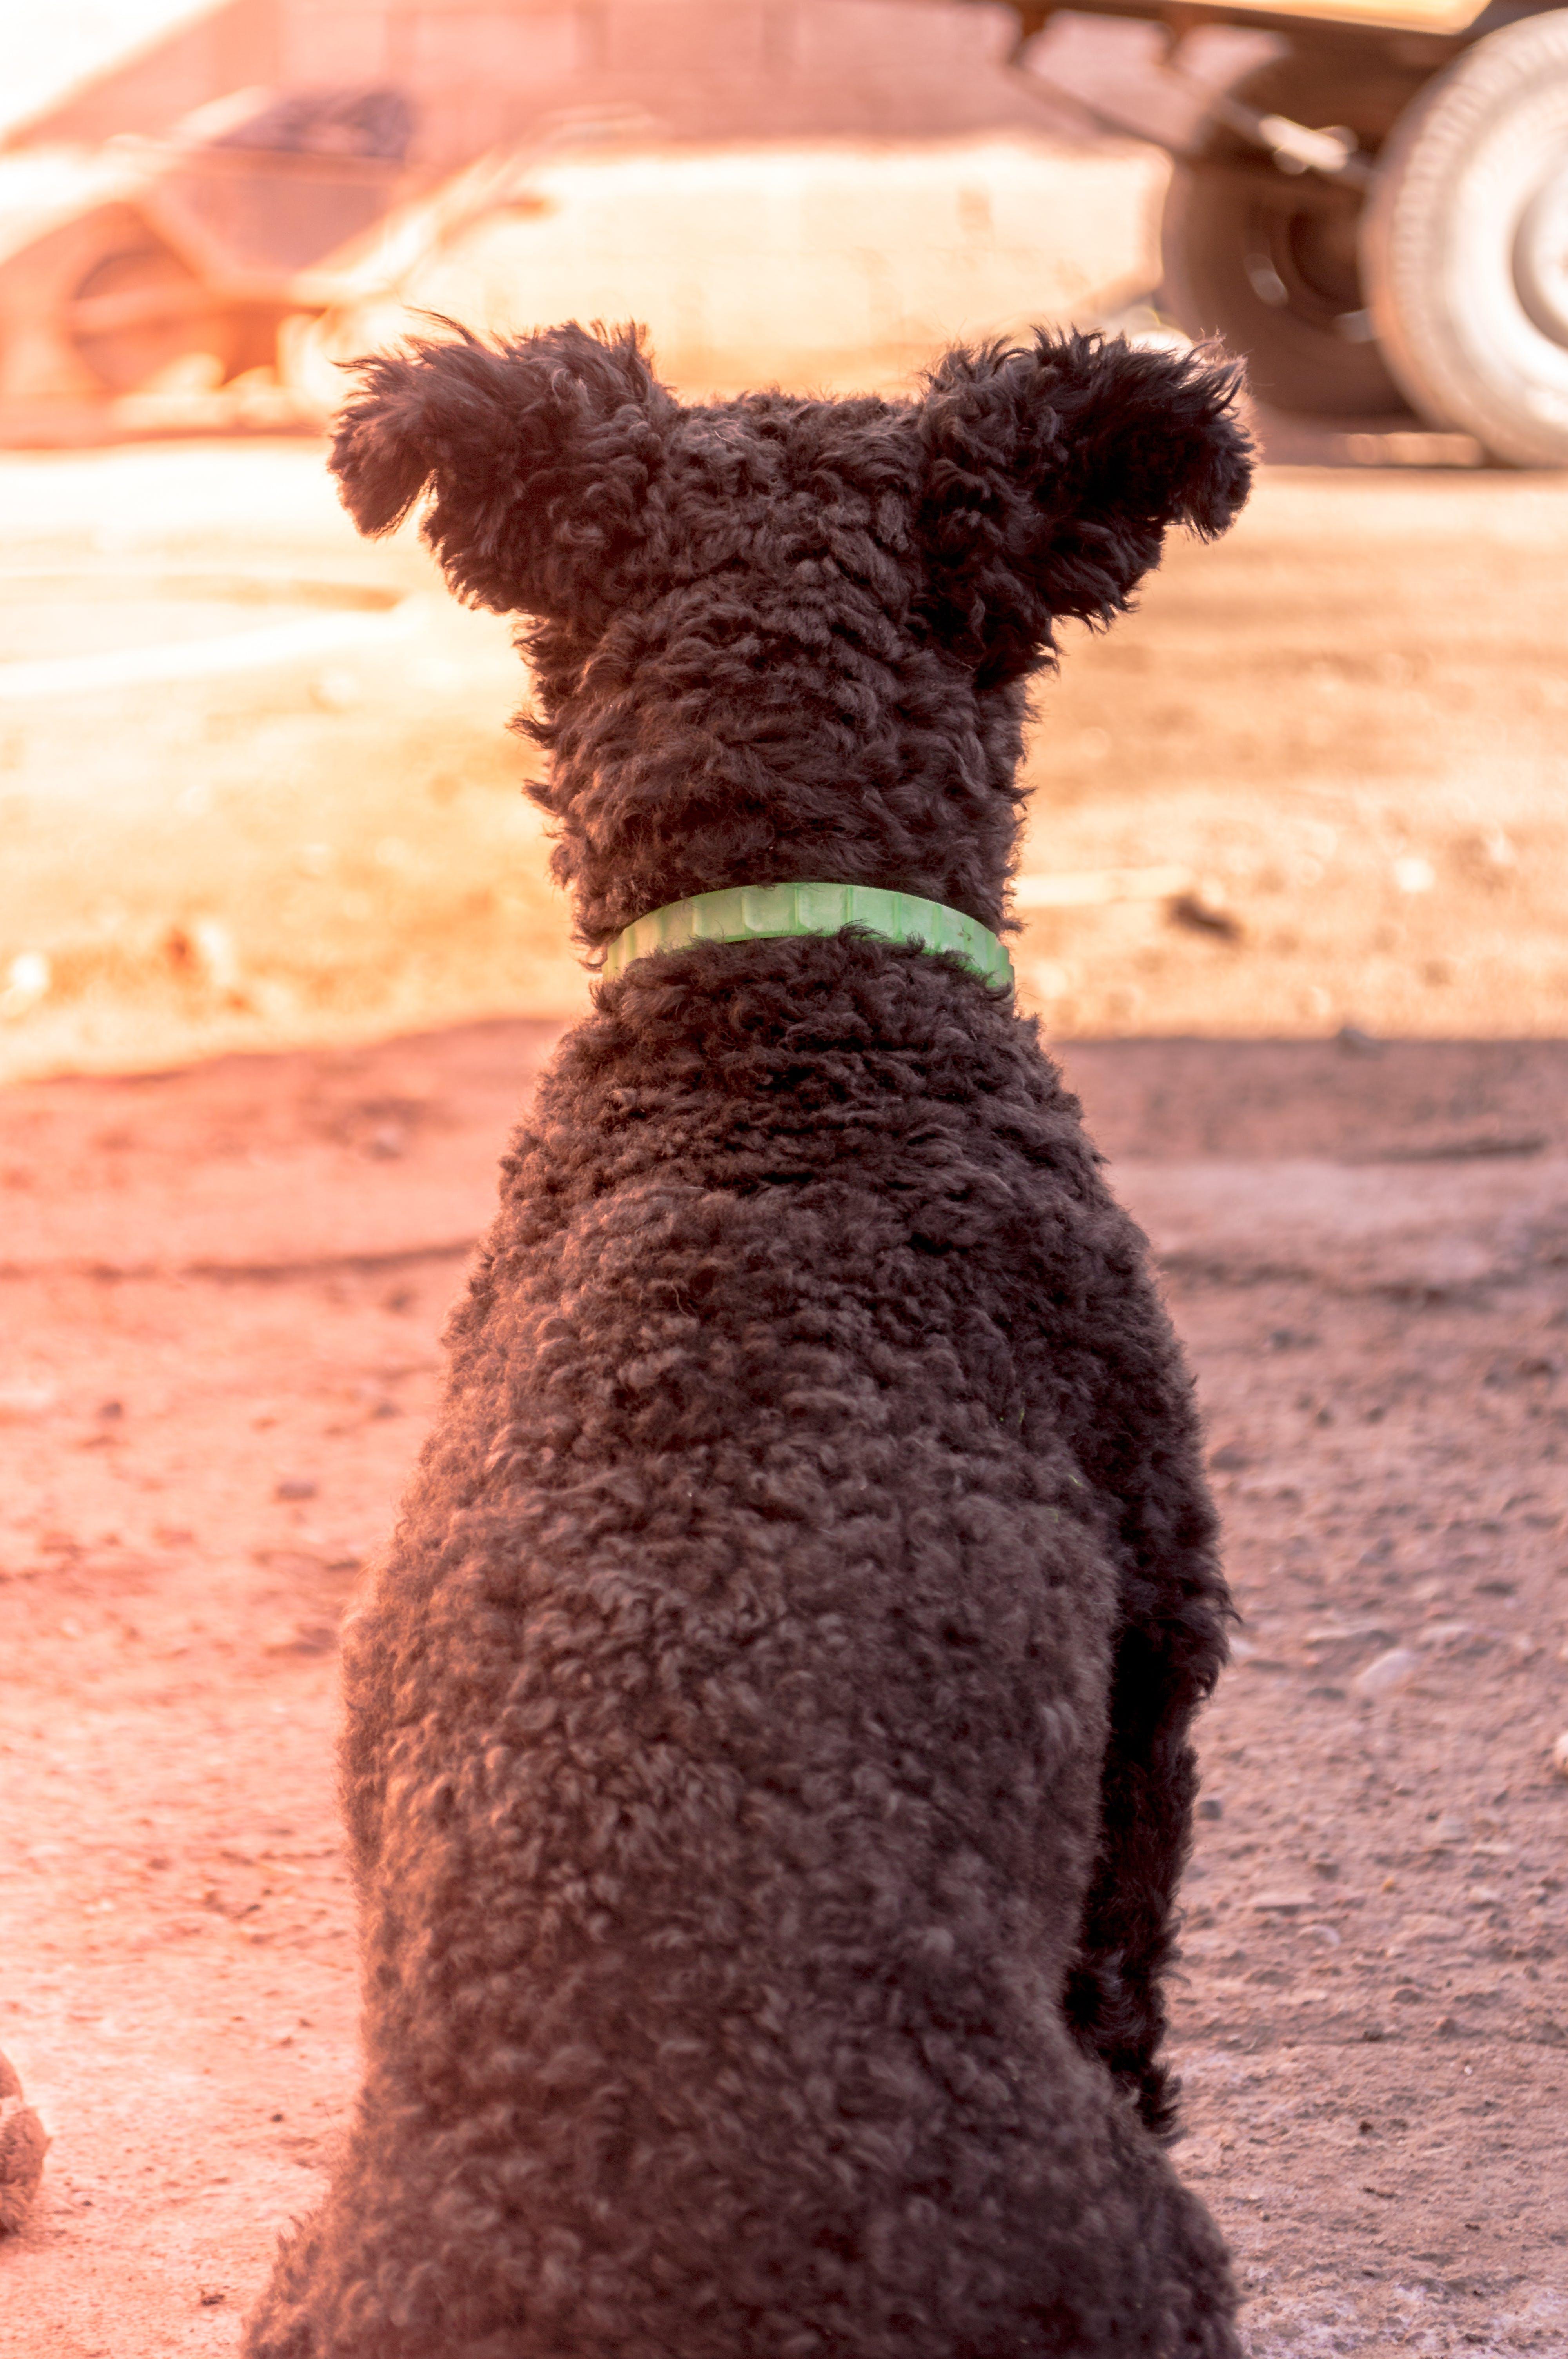 Grey Pumi Dog Closeup Photography